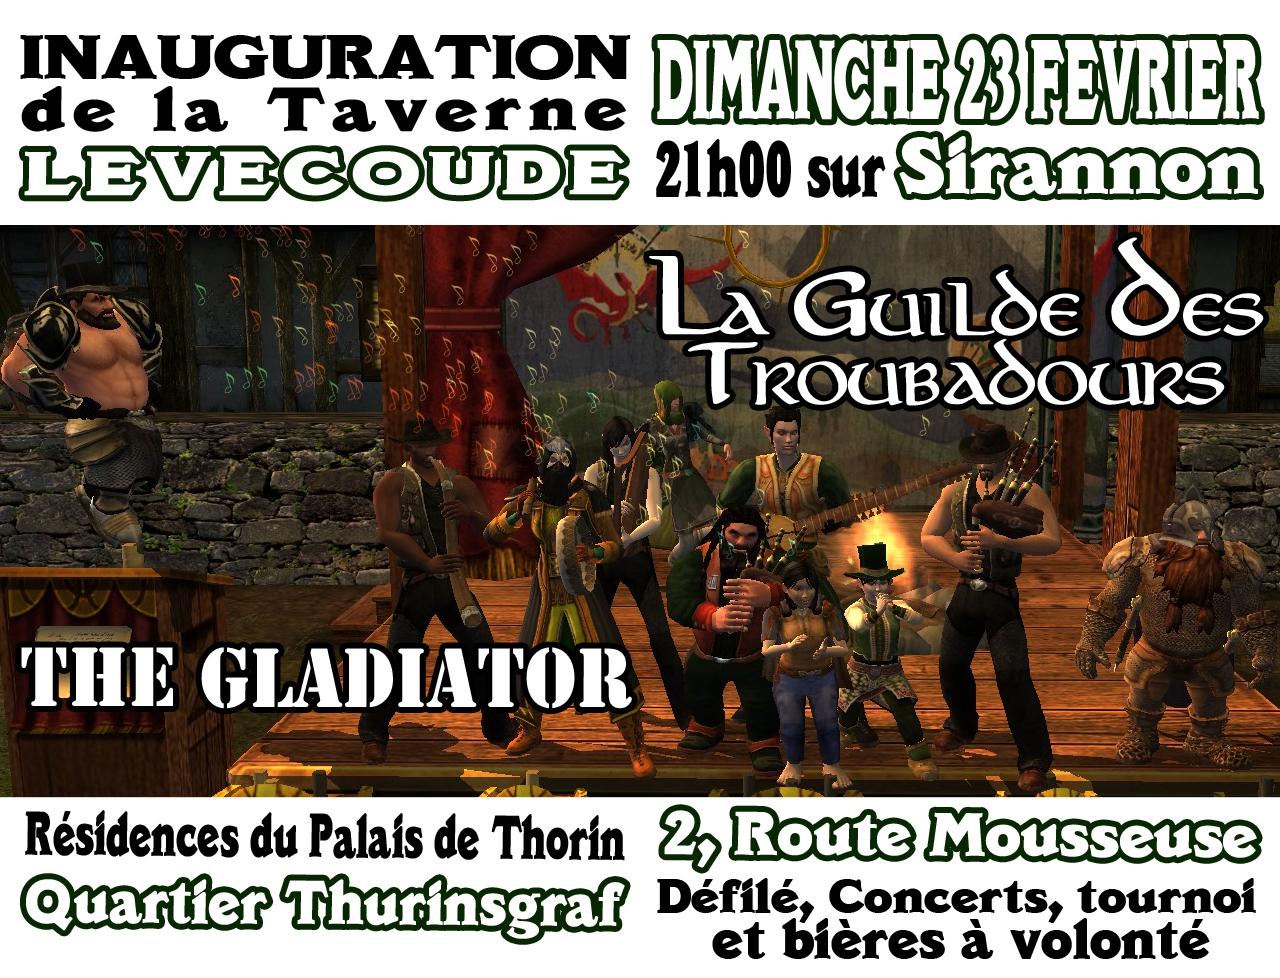 [ANIMATION] Inauguration de la Taverne Lèvecoude 20140223_gdt-glad...evecoude-440349b